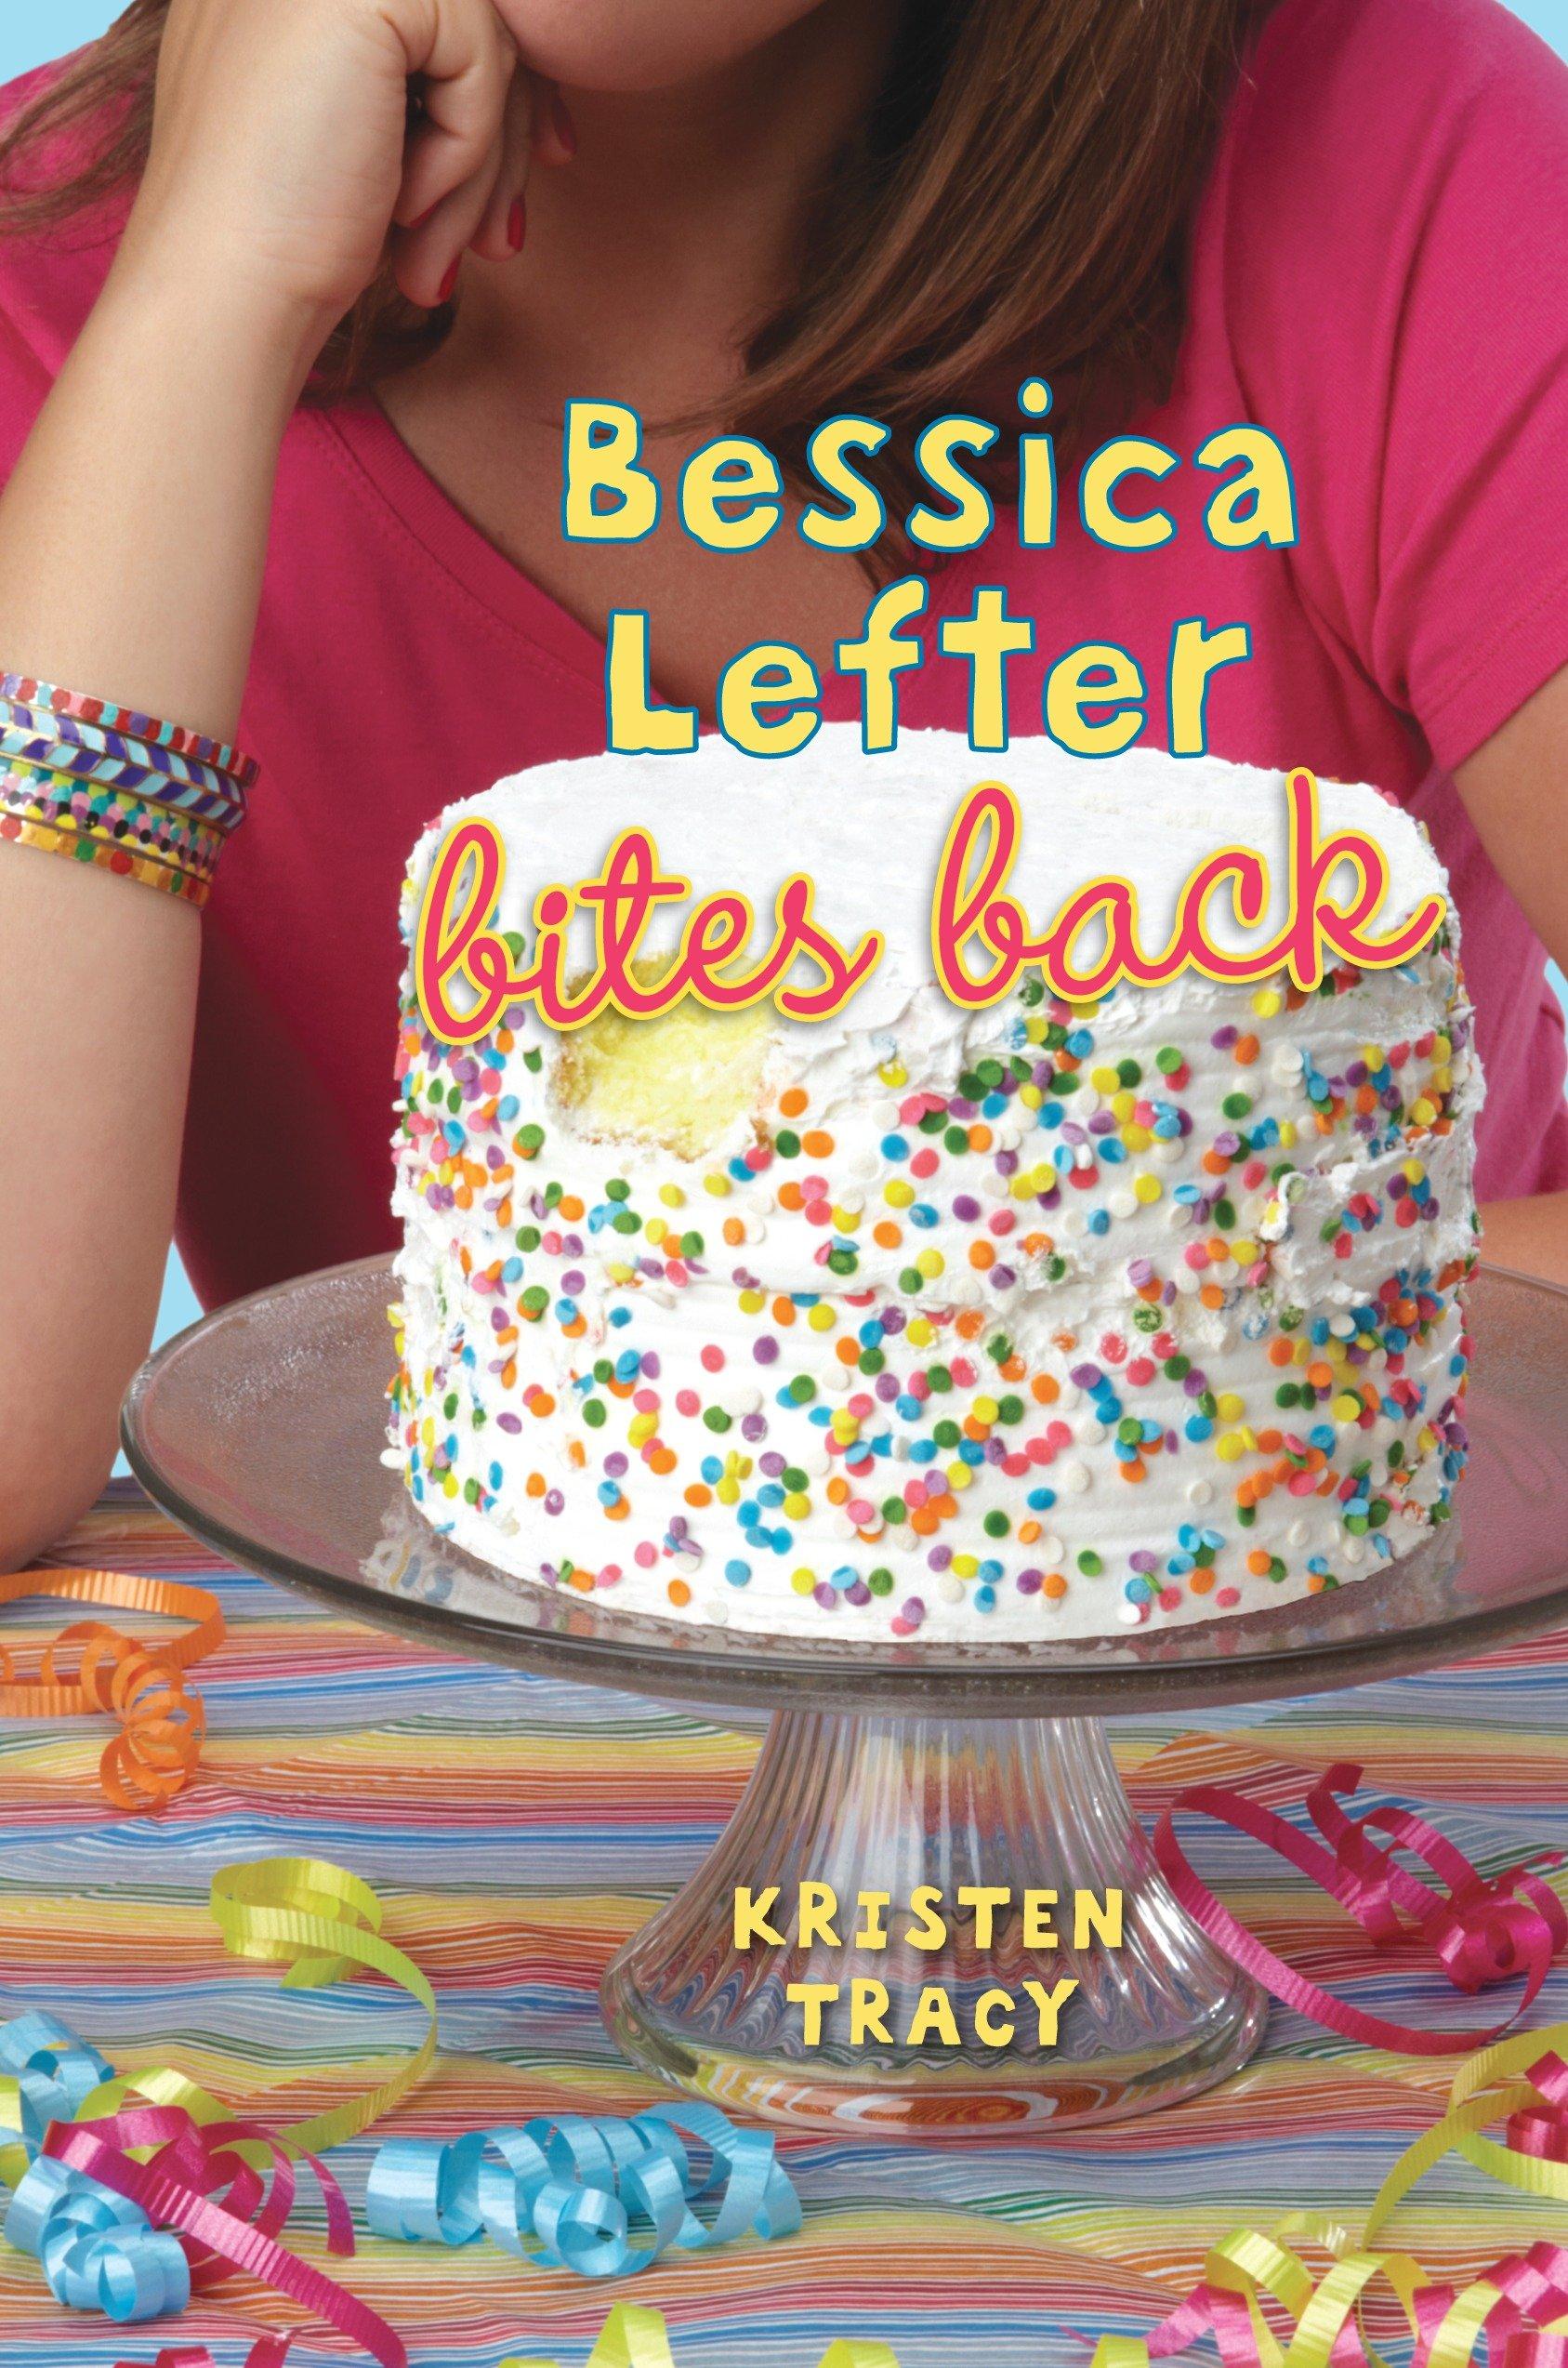 Bessica Lefter bites back cover image